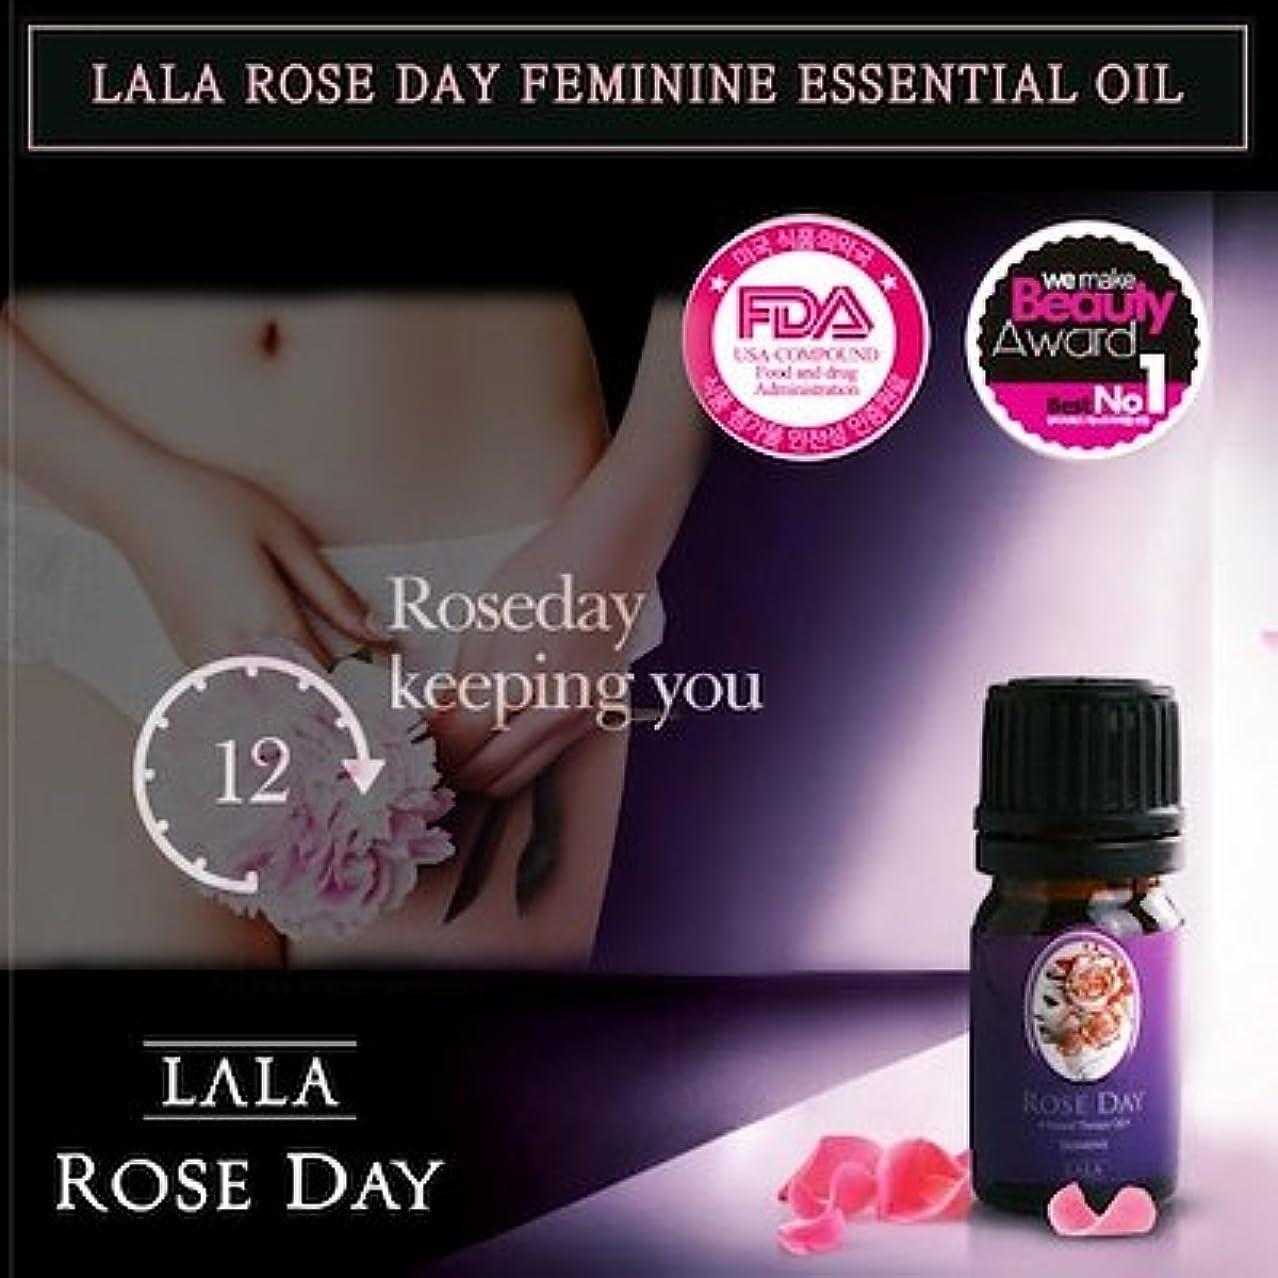 コマンド瞑想する火曜日LALA Rose Day Natural Therapy Oil(Jasmine)/Feminine Essential Oil/Korea Cosmetic